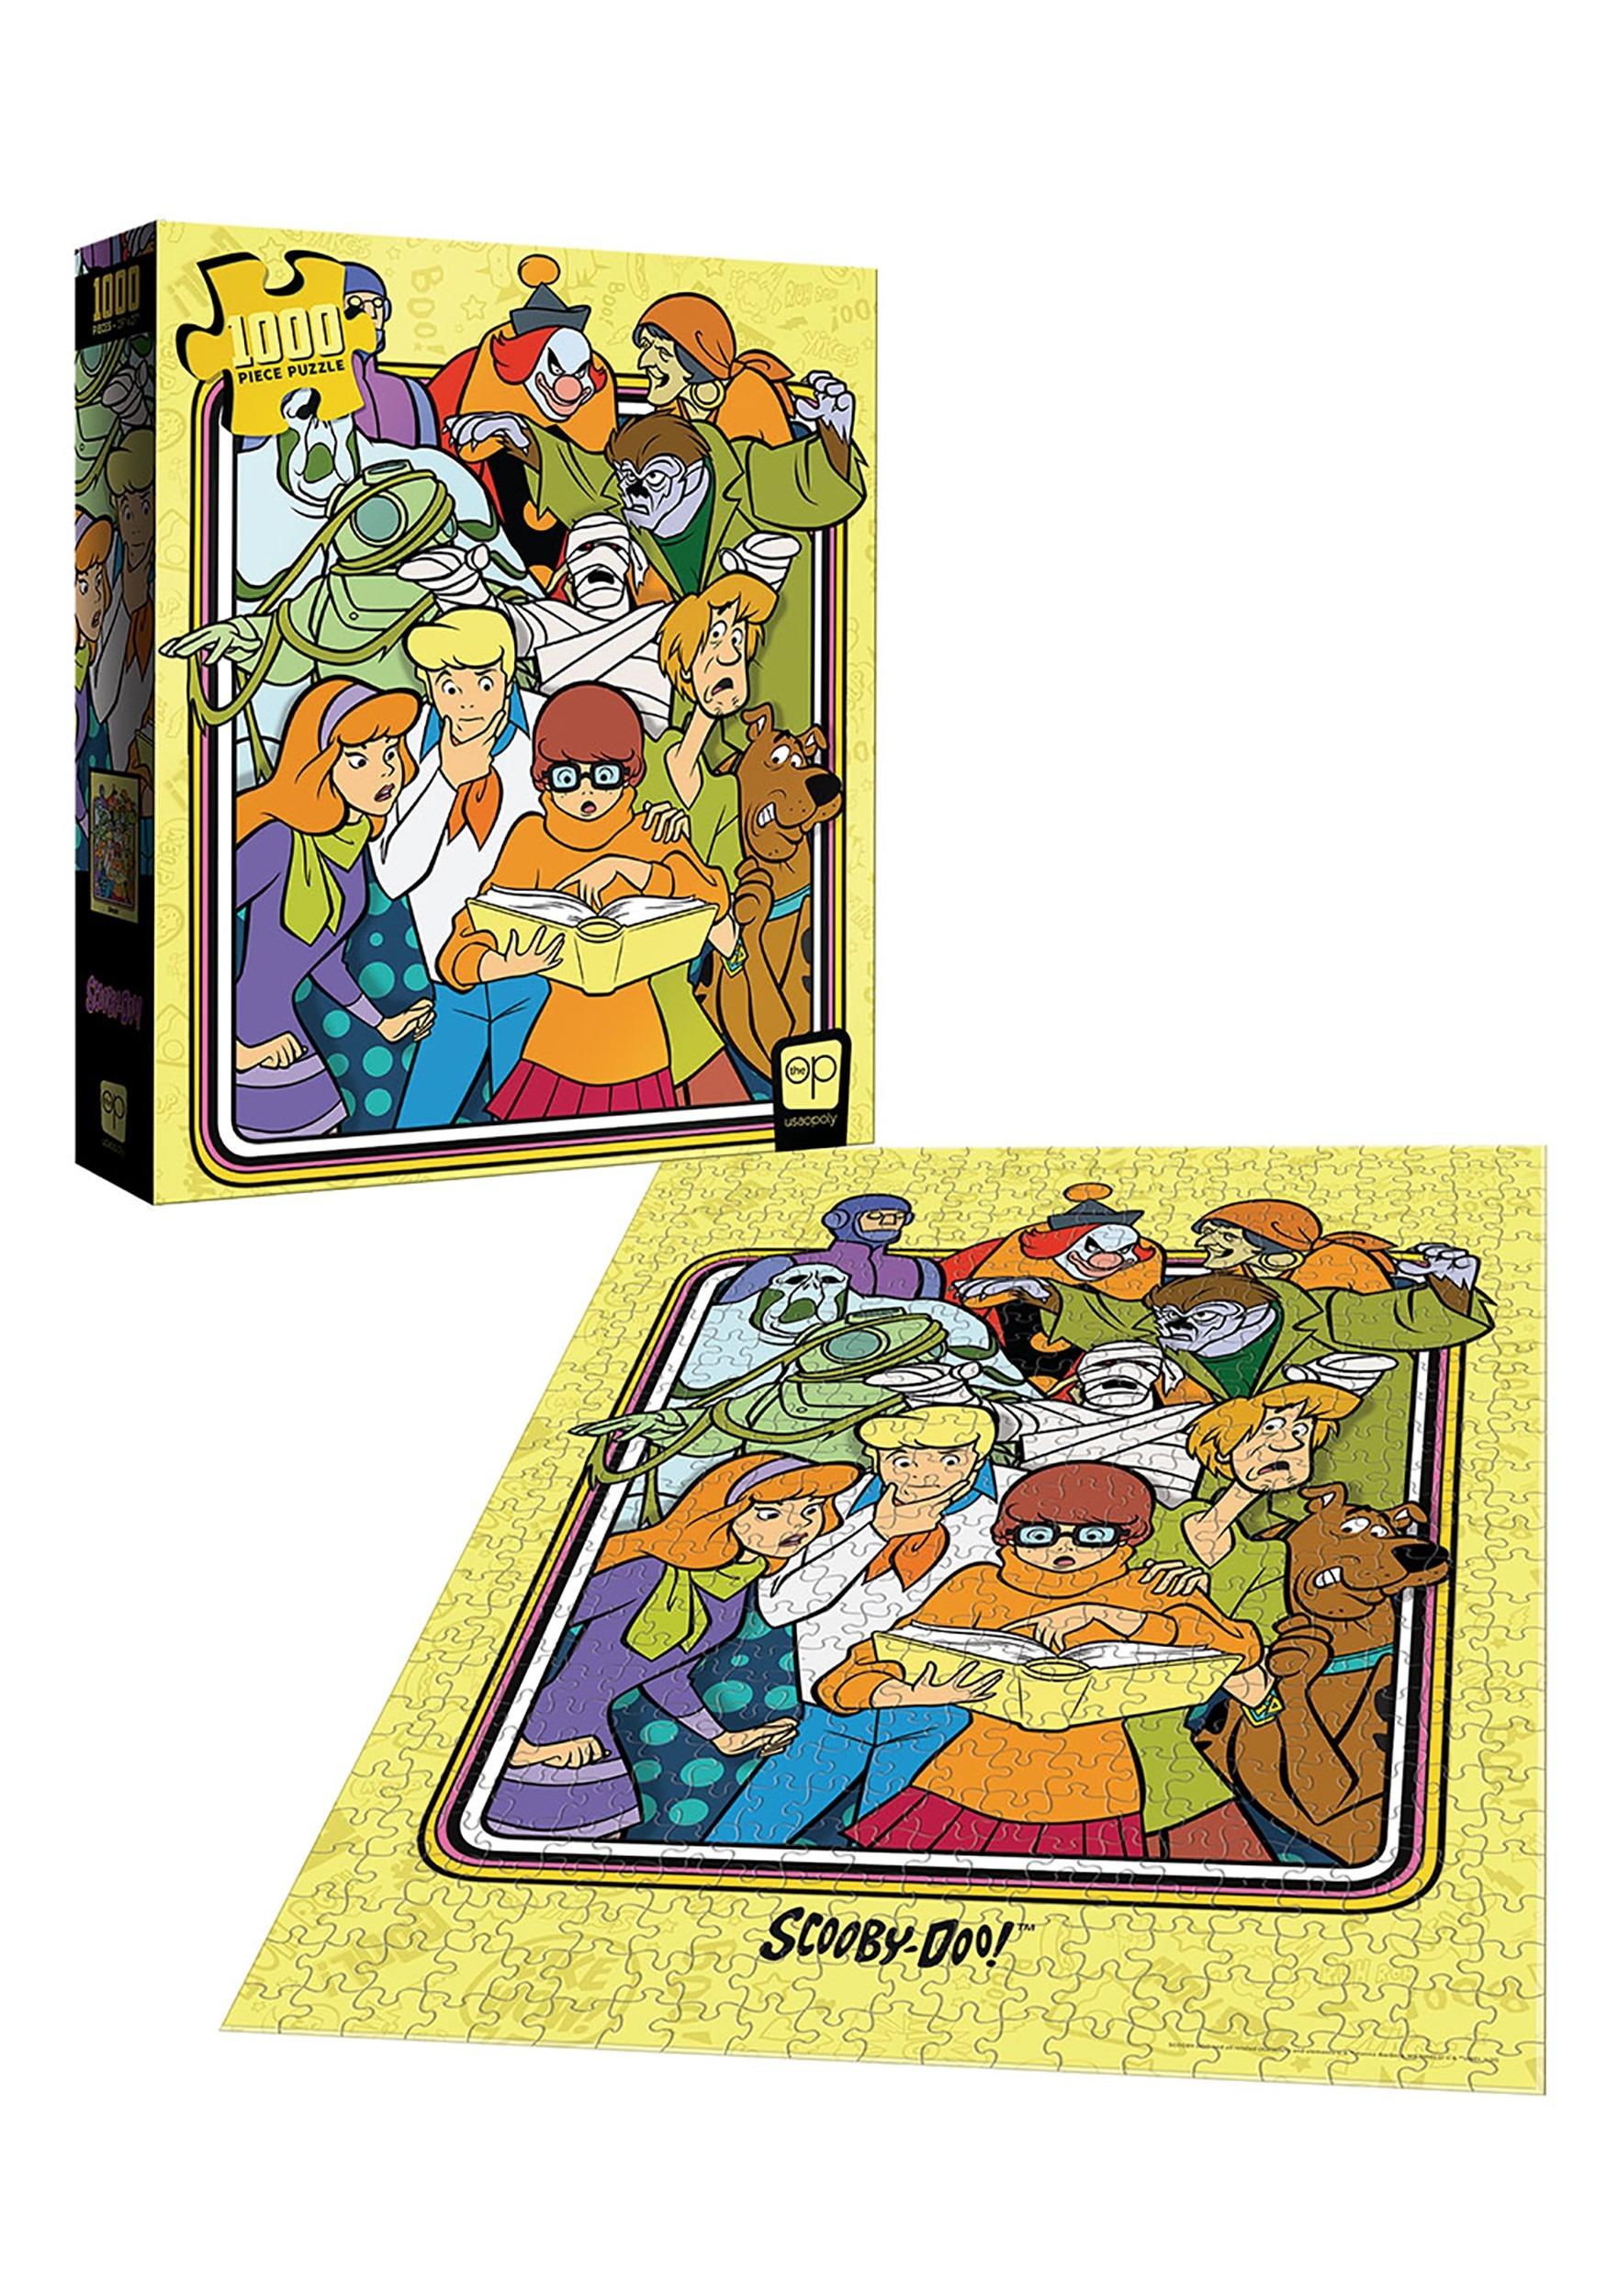 1000 Piece Puzzle: Scooby-Doo!